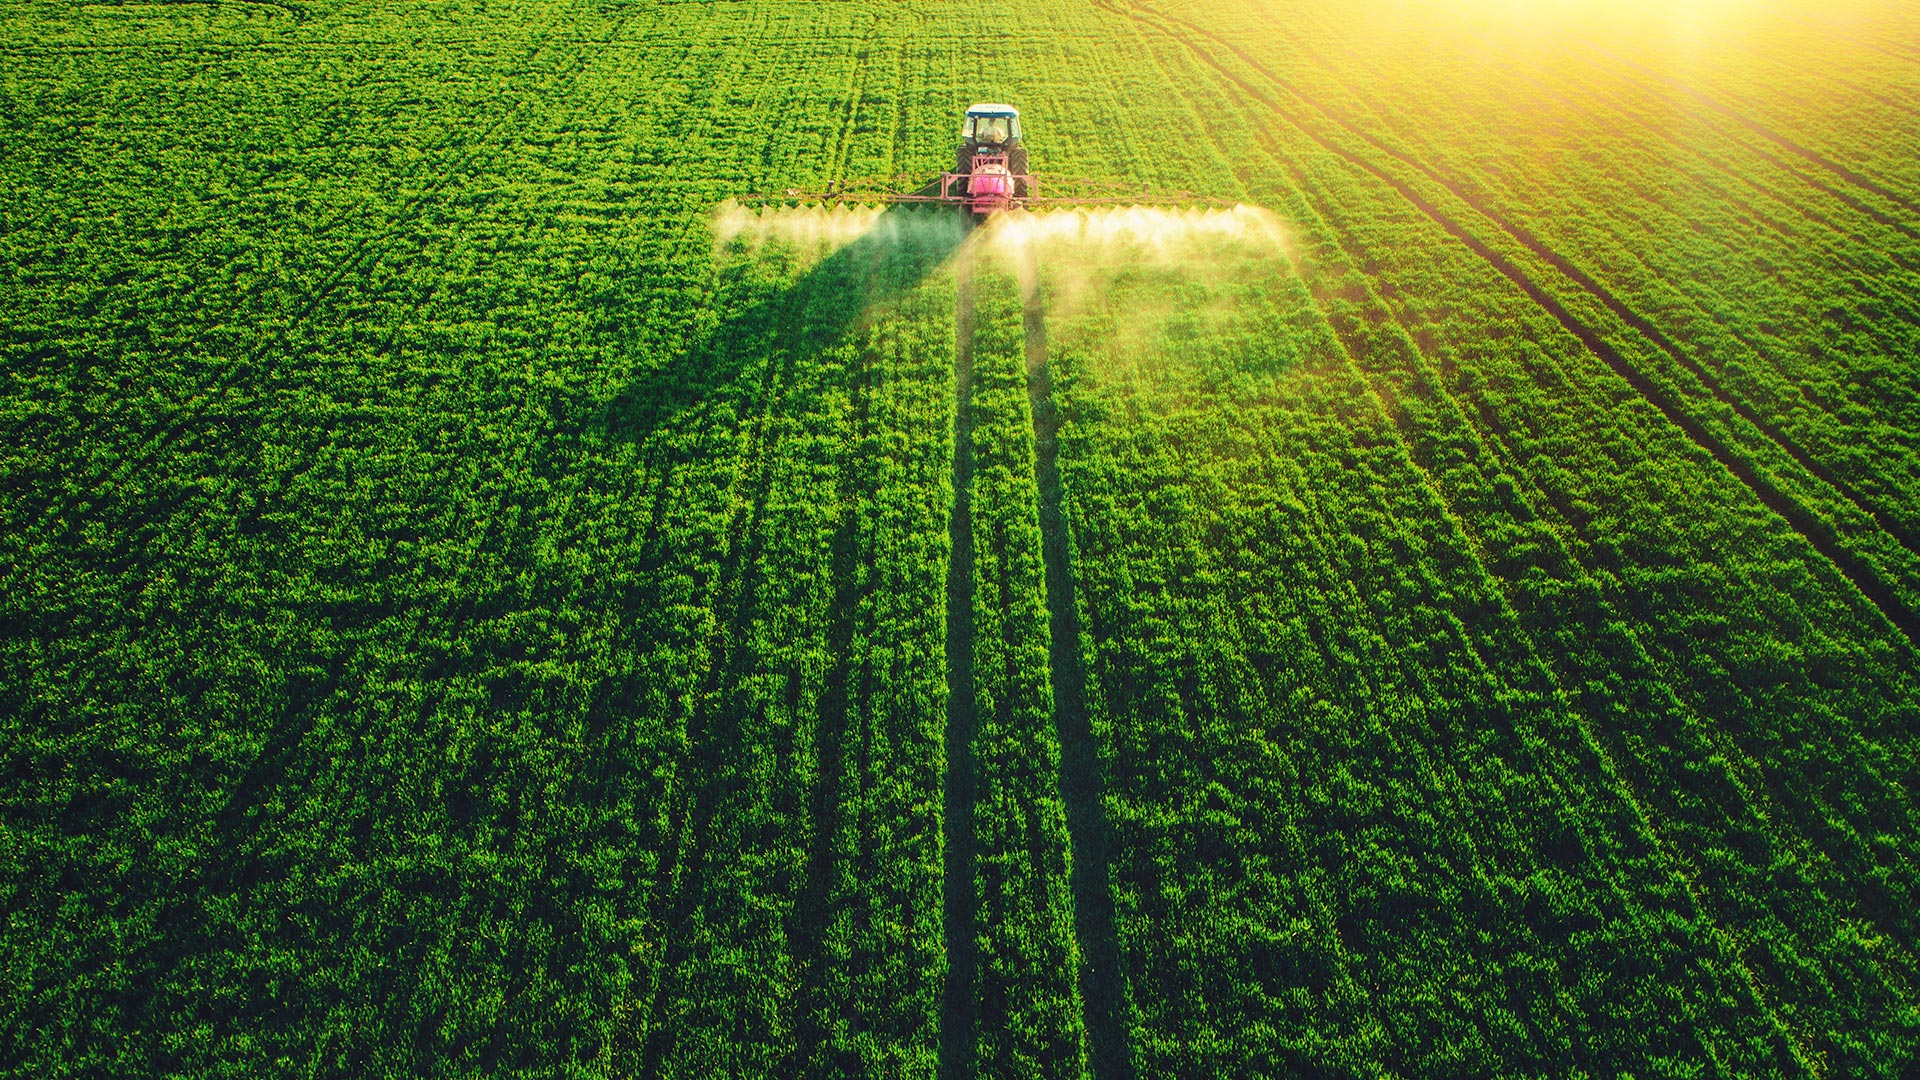 Vue aérienne d'un tracteur agricole arrosant un champ